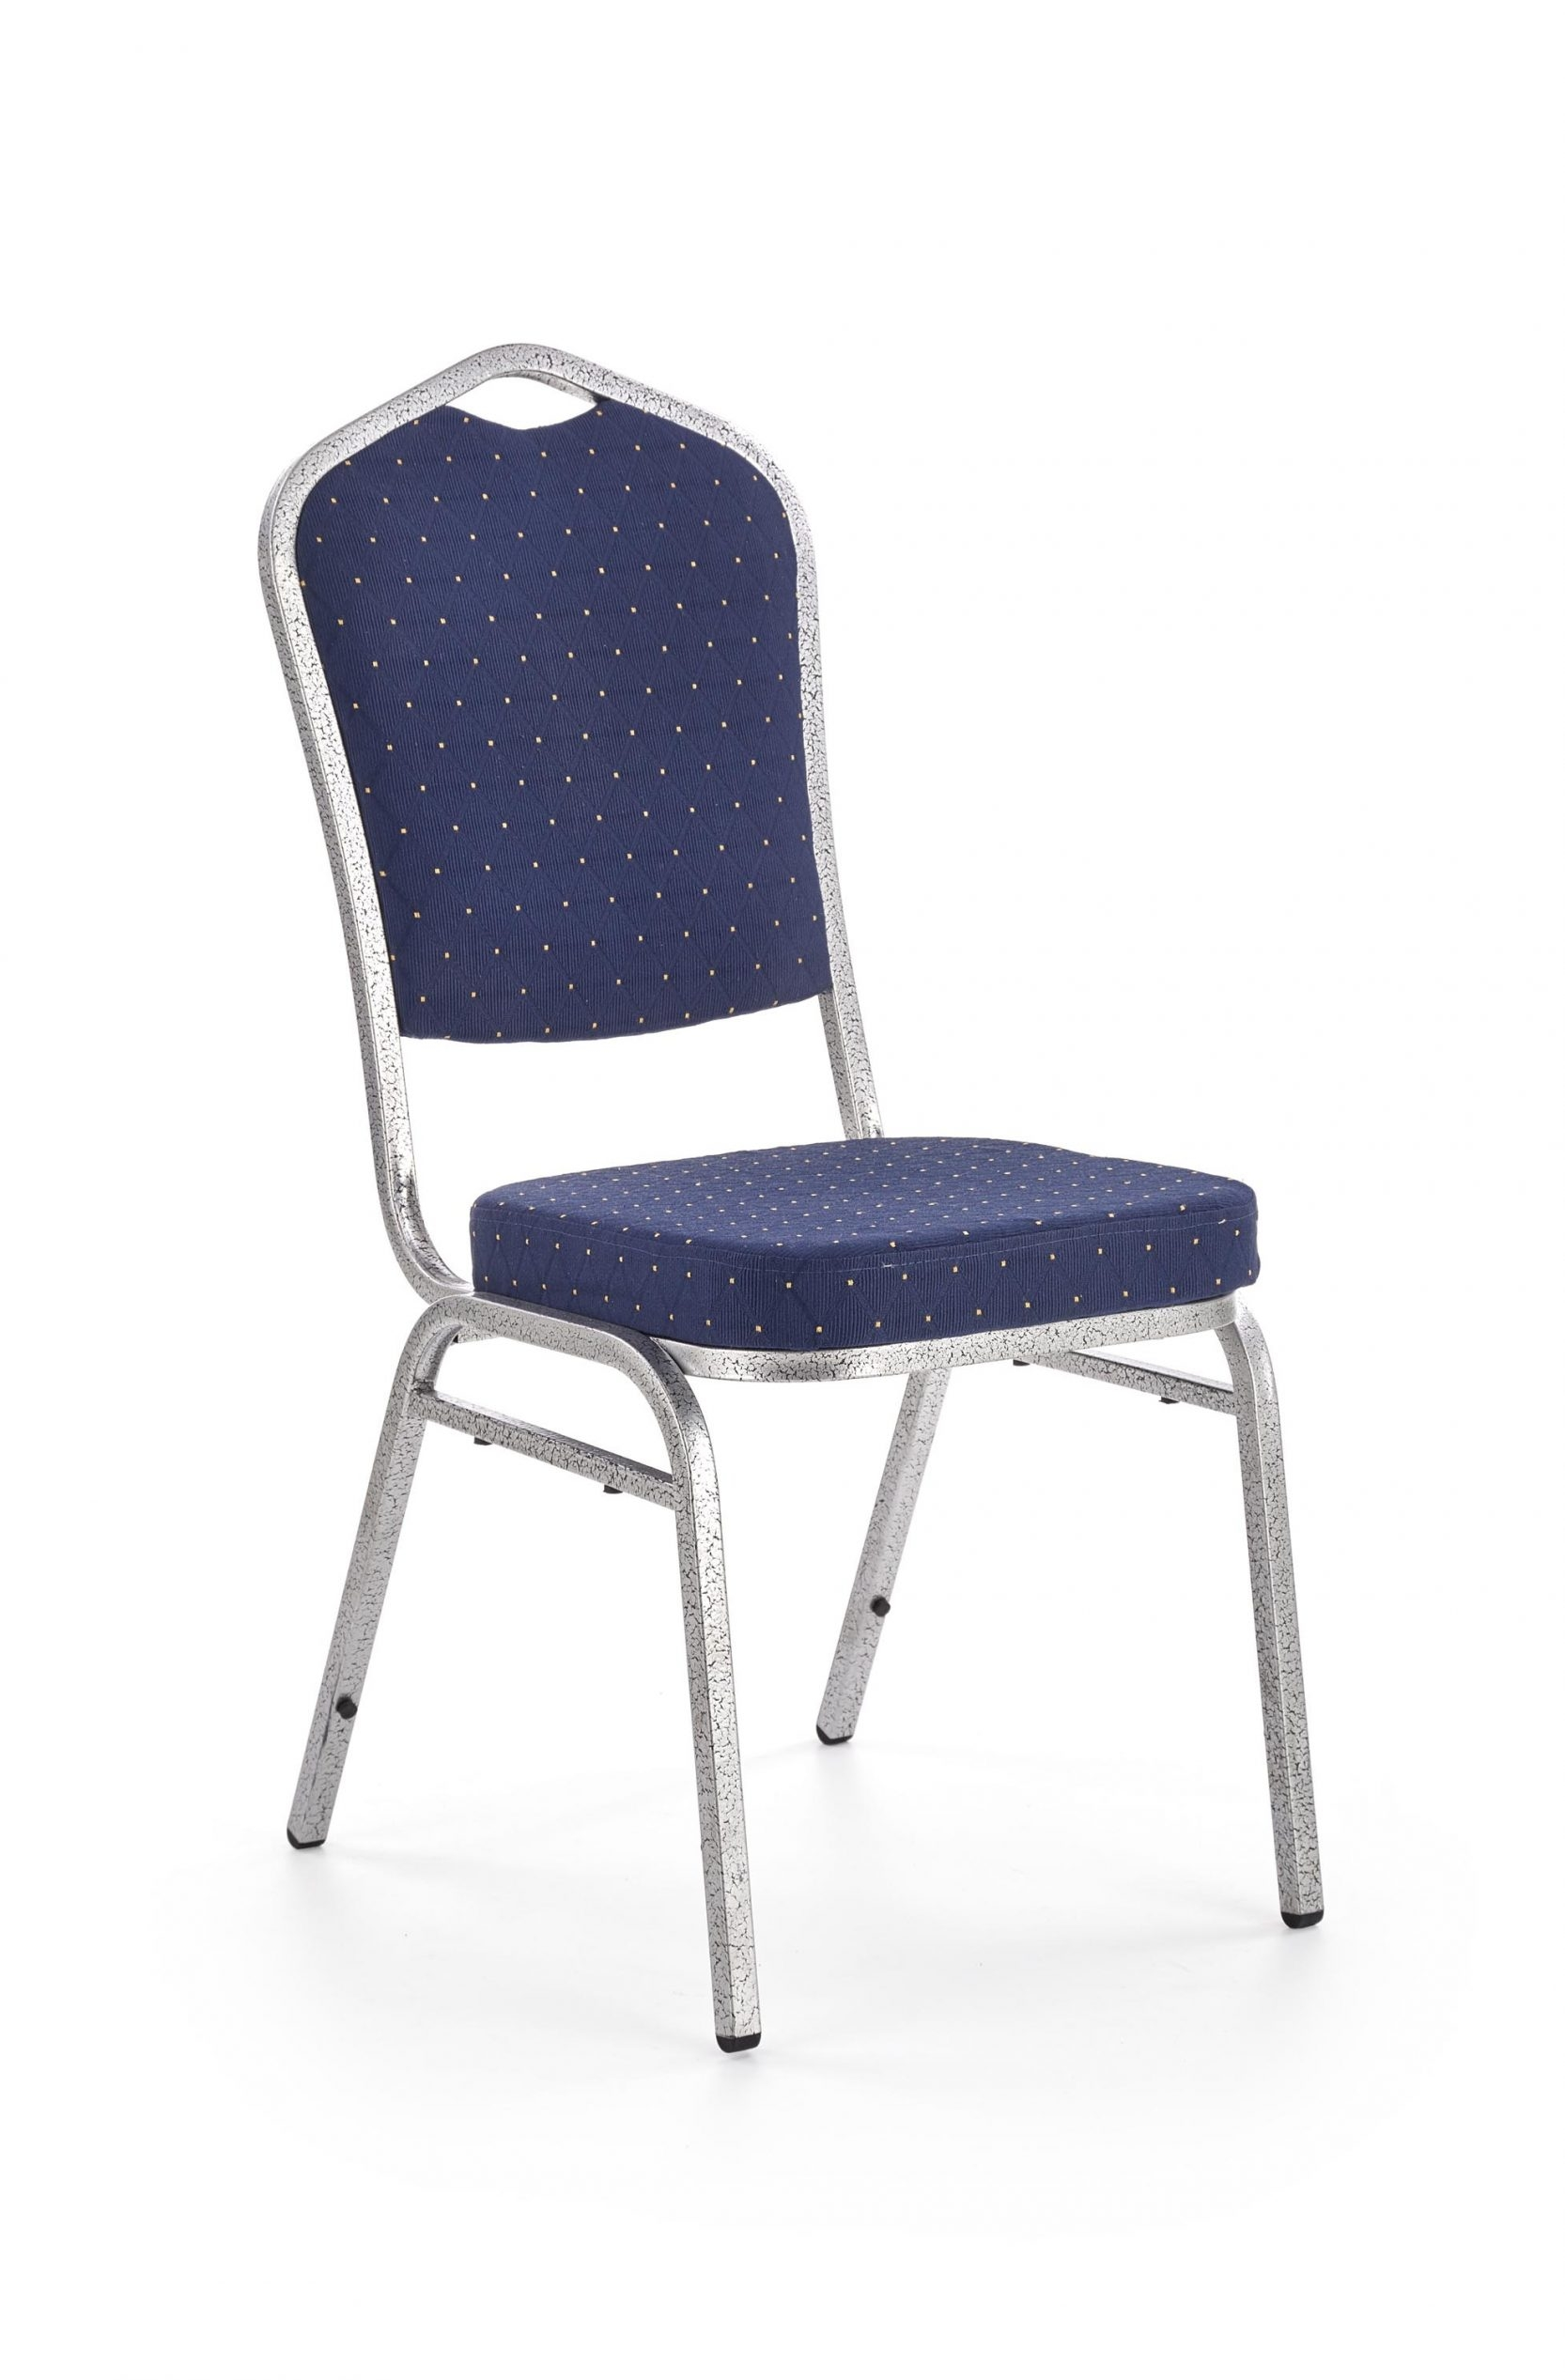 Scaun tapitat cu stofa, cu picioare metalice K68 Albastru, l44xA56xH95 cm